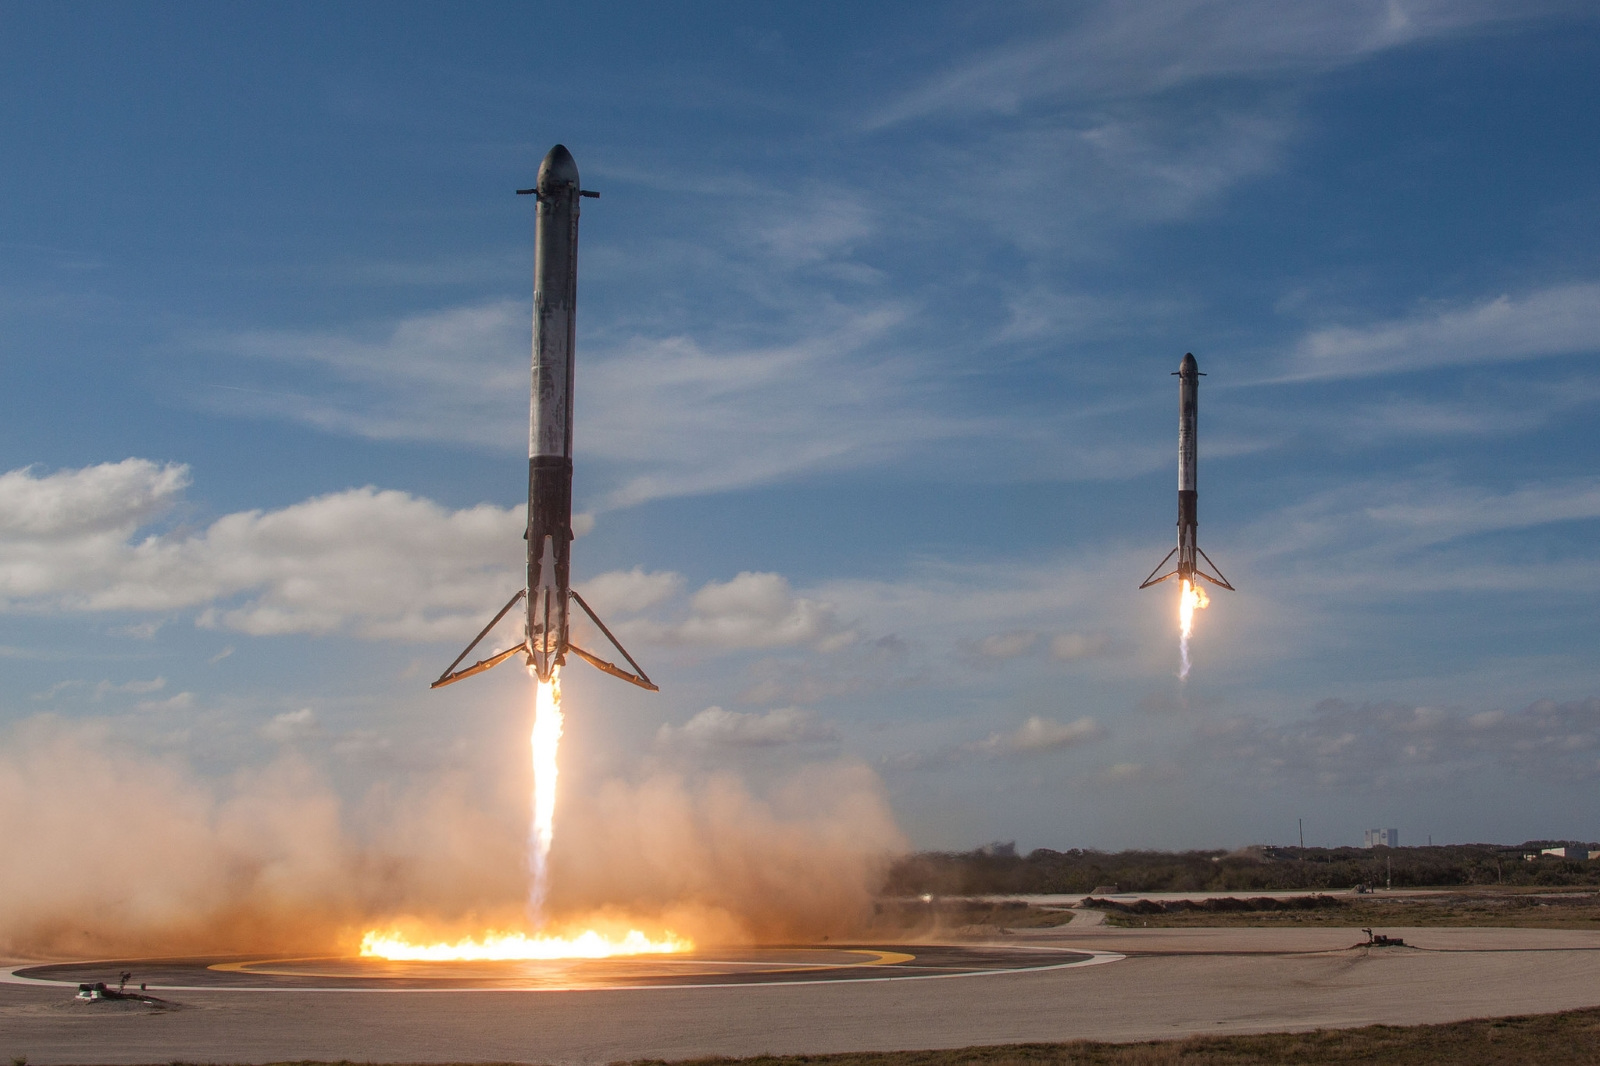 Perfektně synchronizovaný návrat boosterů na Zemi